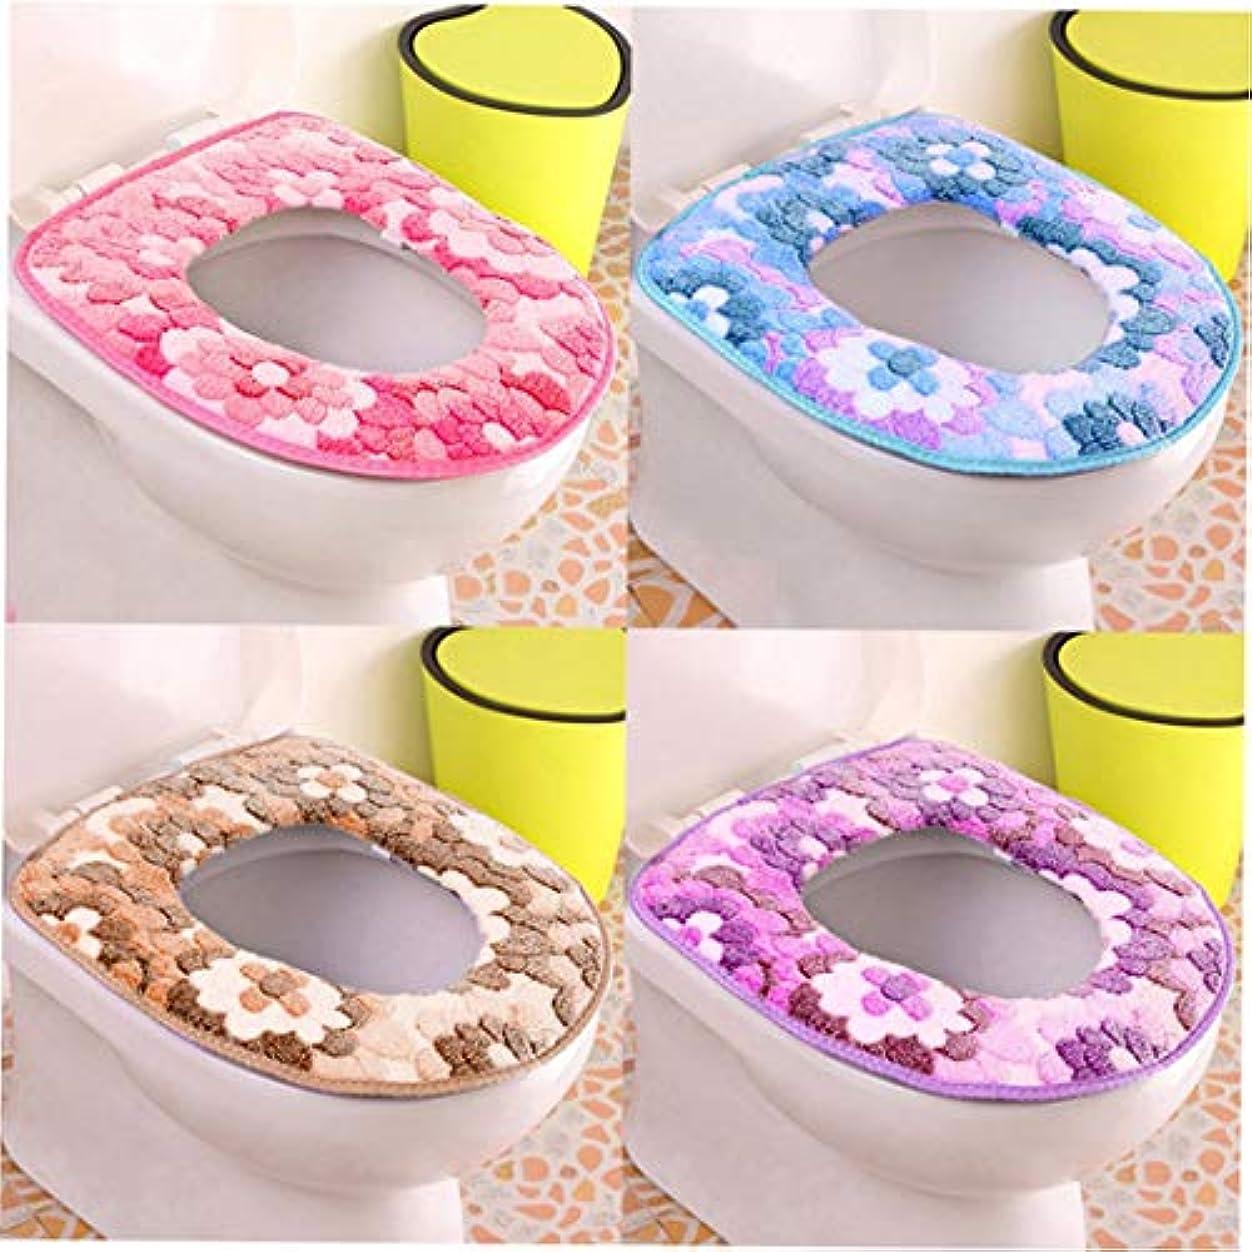 魅力的であることへのアピール熟達発疹Swiftgood 浴室柔らかく厚い暖かい便座カバーパッド伸縮性洗える布トイレ便座クッション